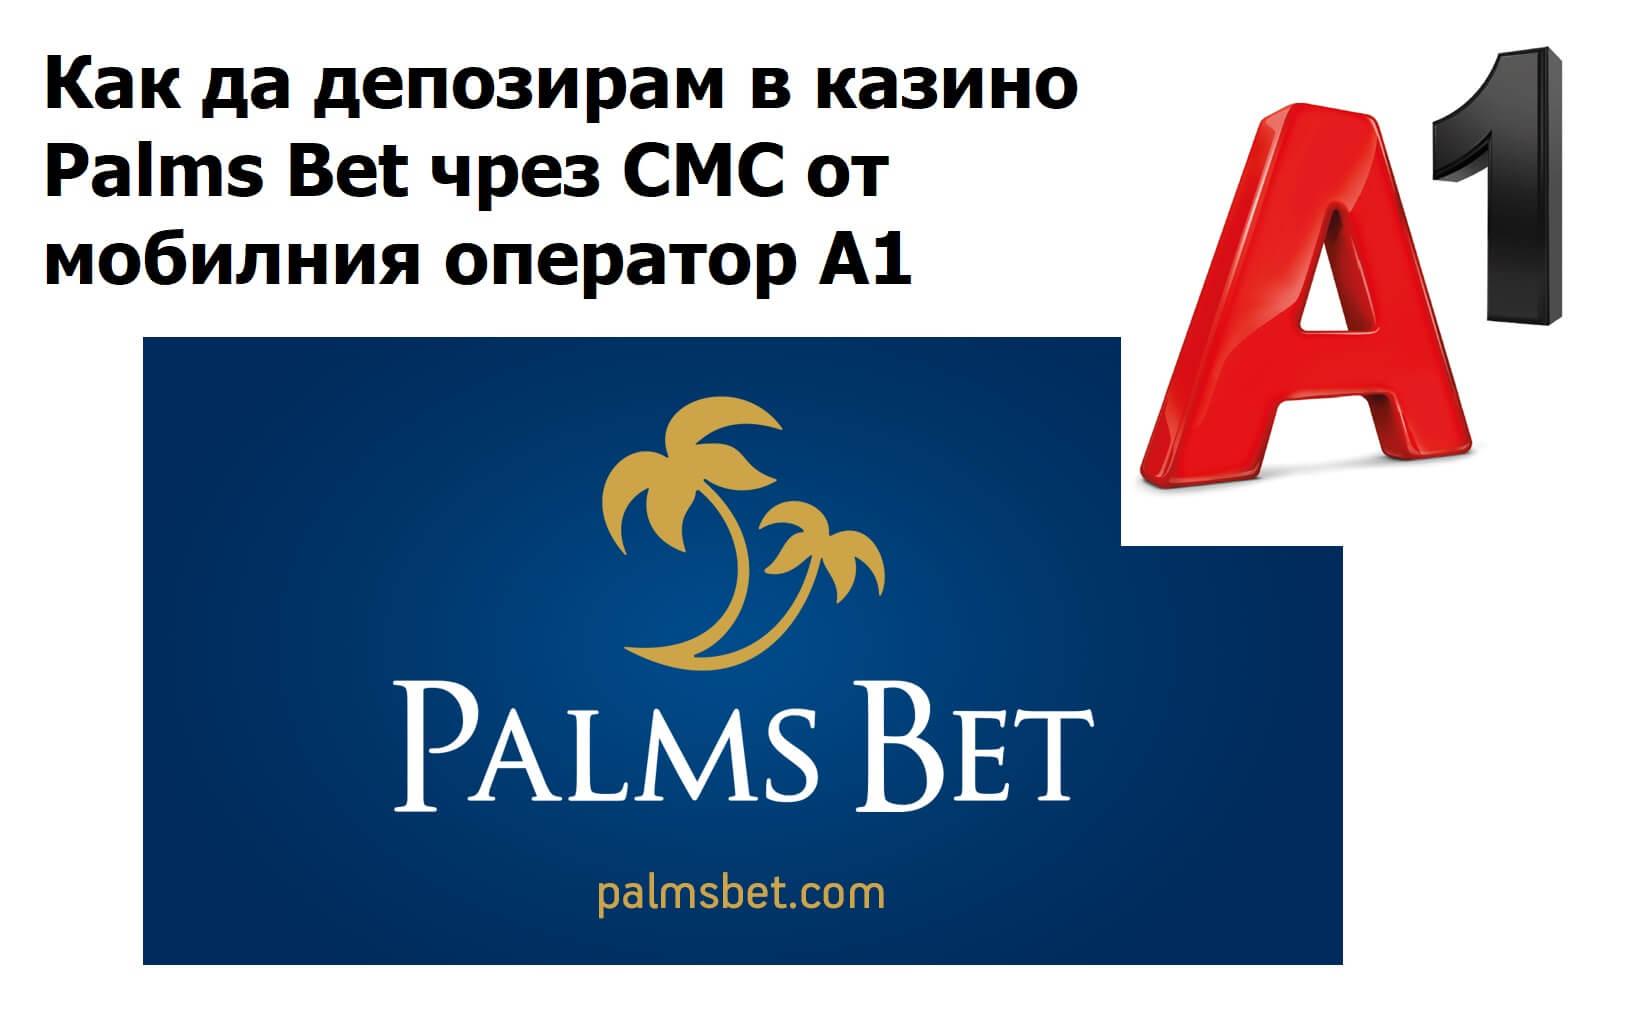 Как да депозирам пари в казино Палмсбет чрез СМС от мобилен оператор А1